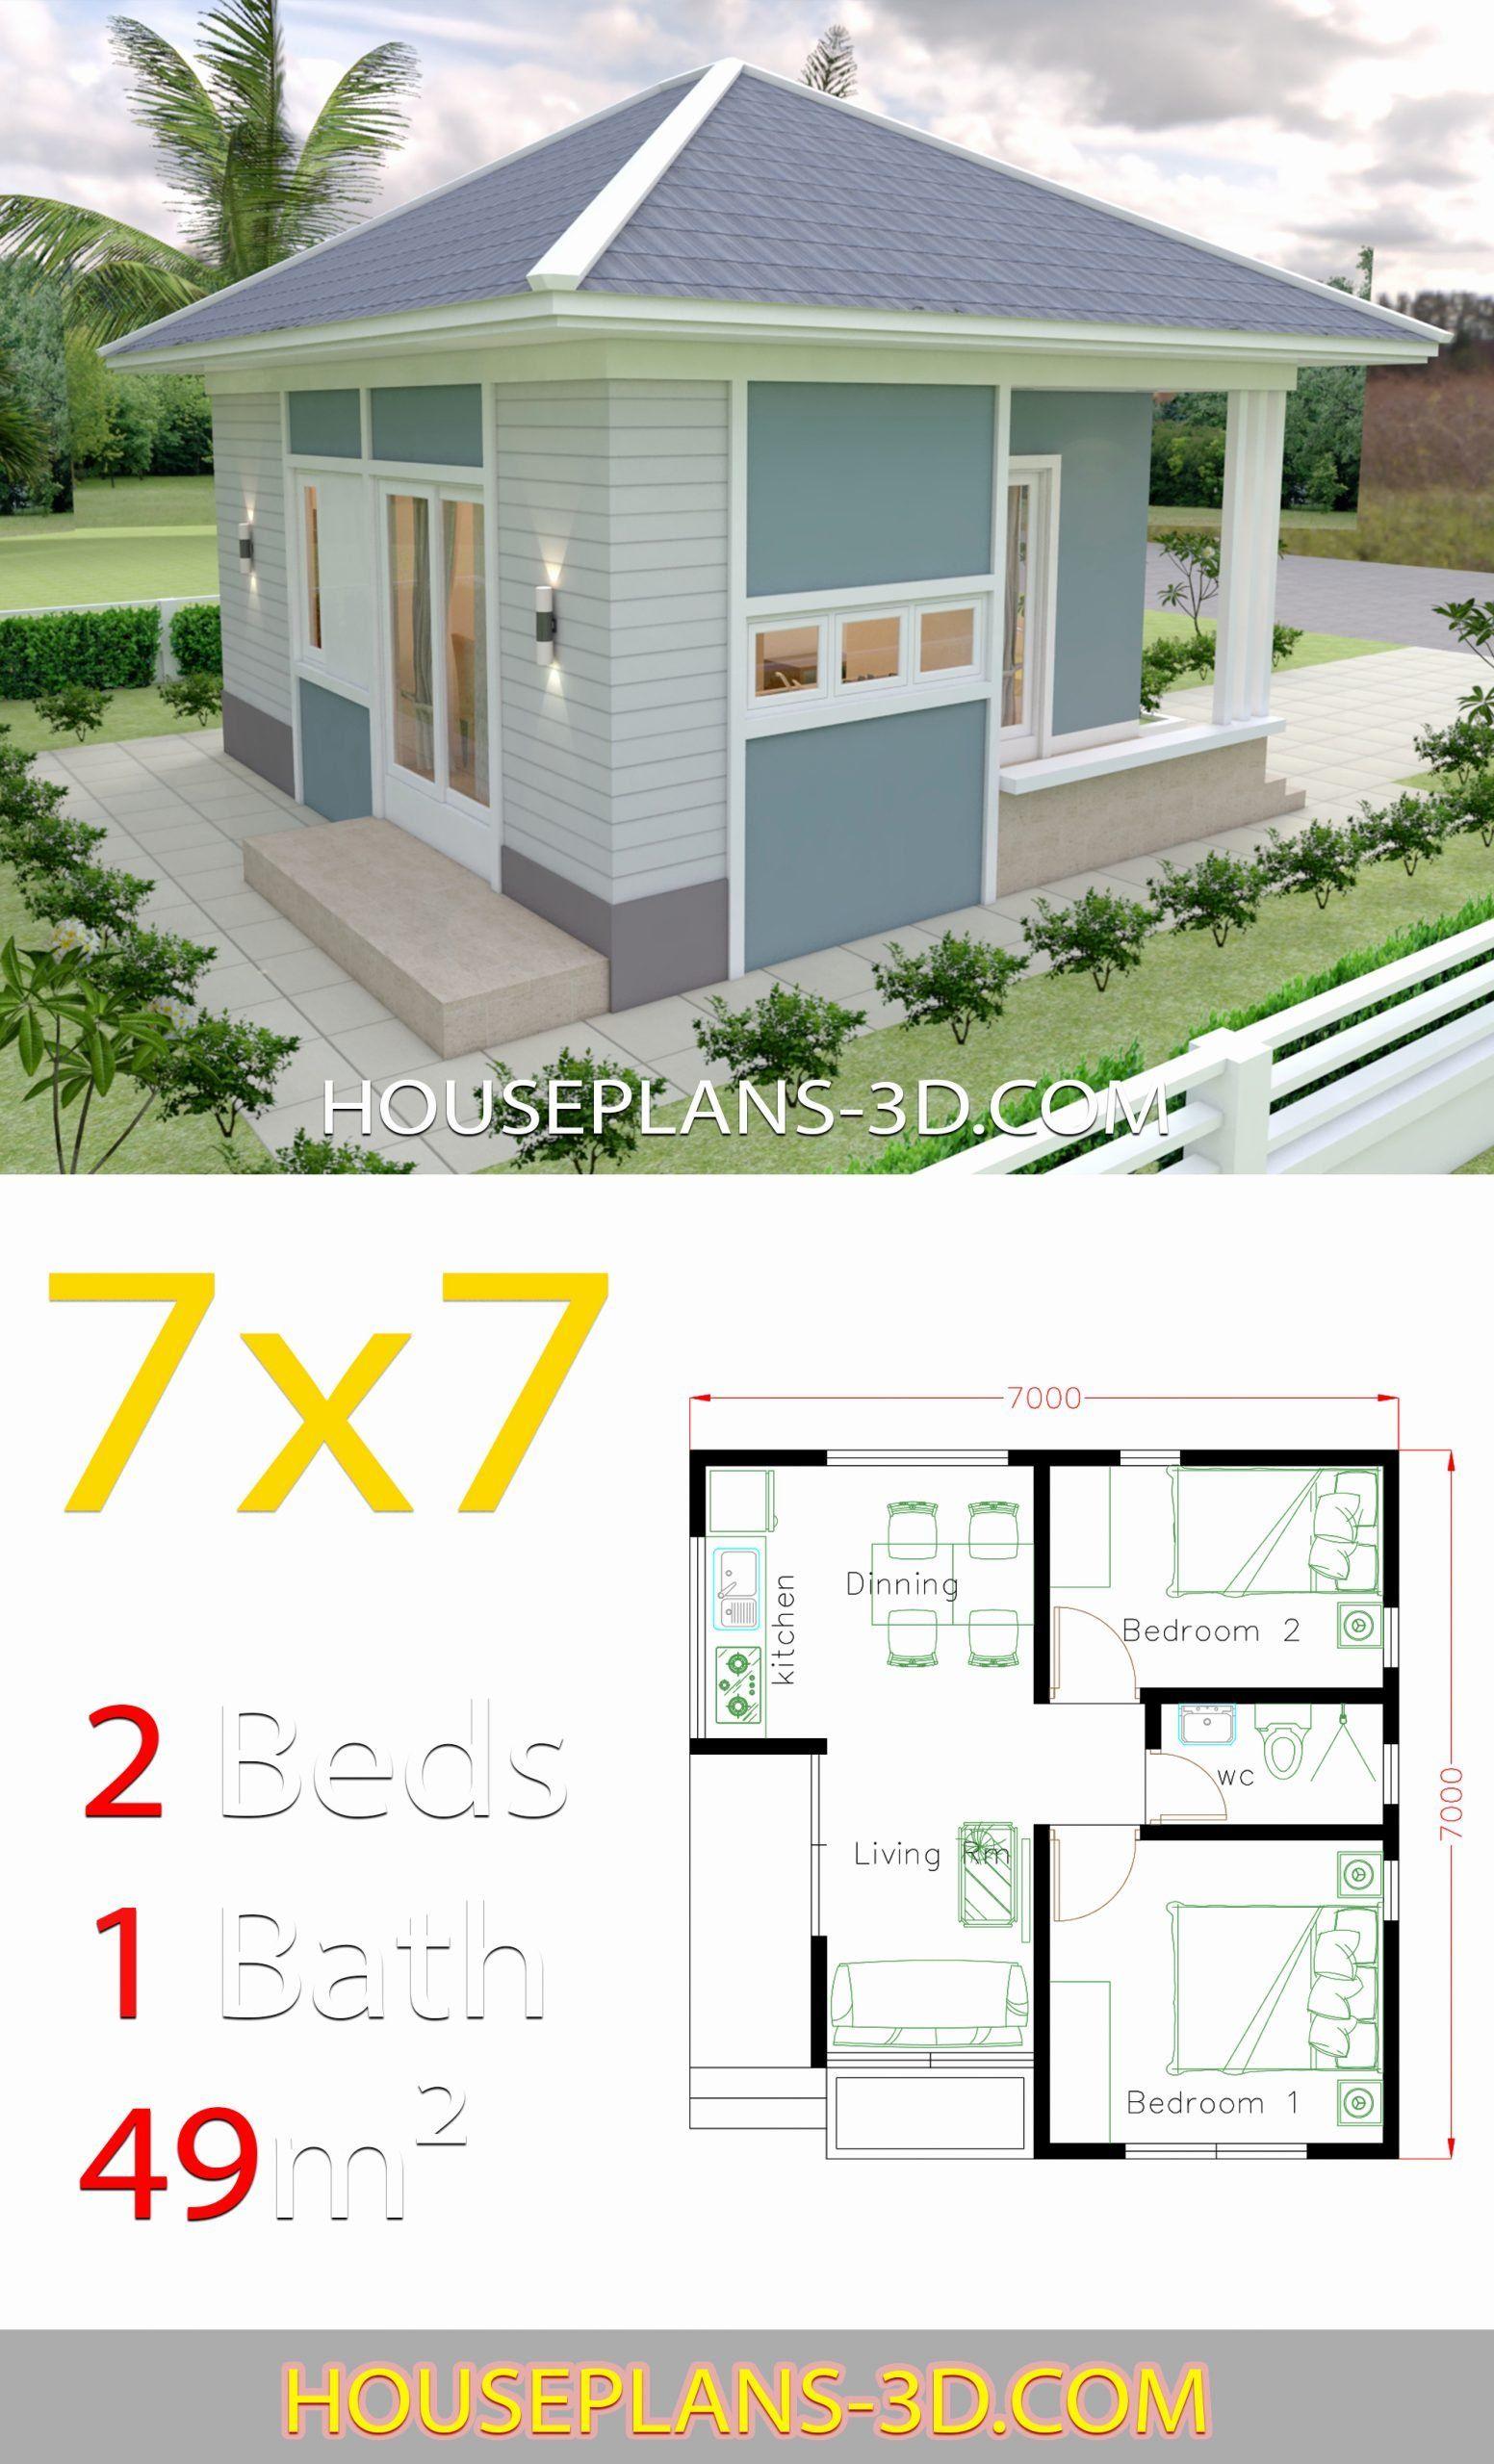 2 Bedroom House Plans 3d Unique House Design 7x7 With 2 Bedrooms Full Plans House Plans House Design Small House Design